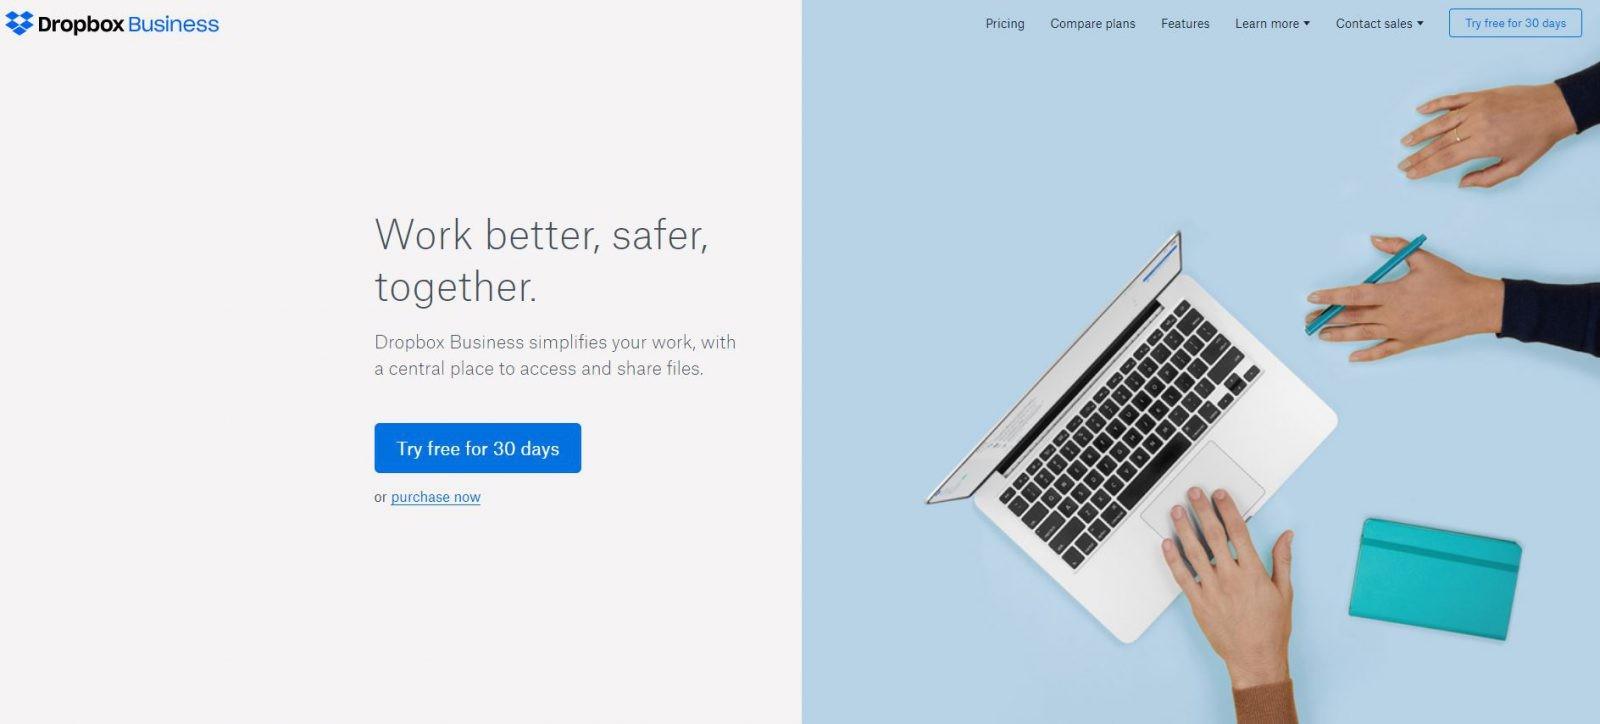 Dropbox website in 2018